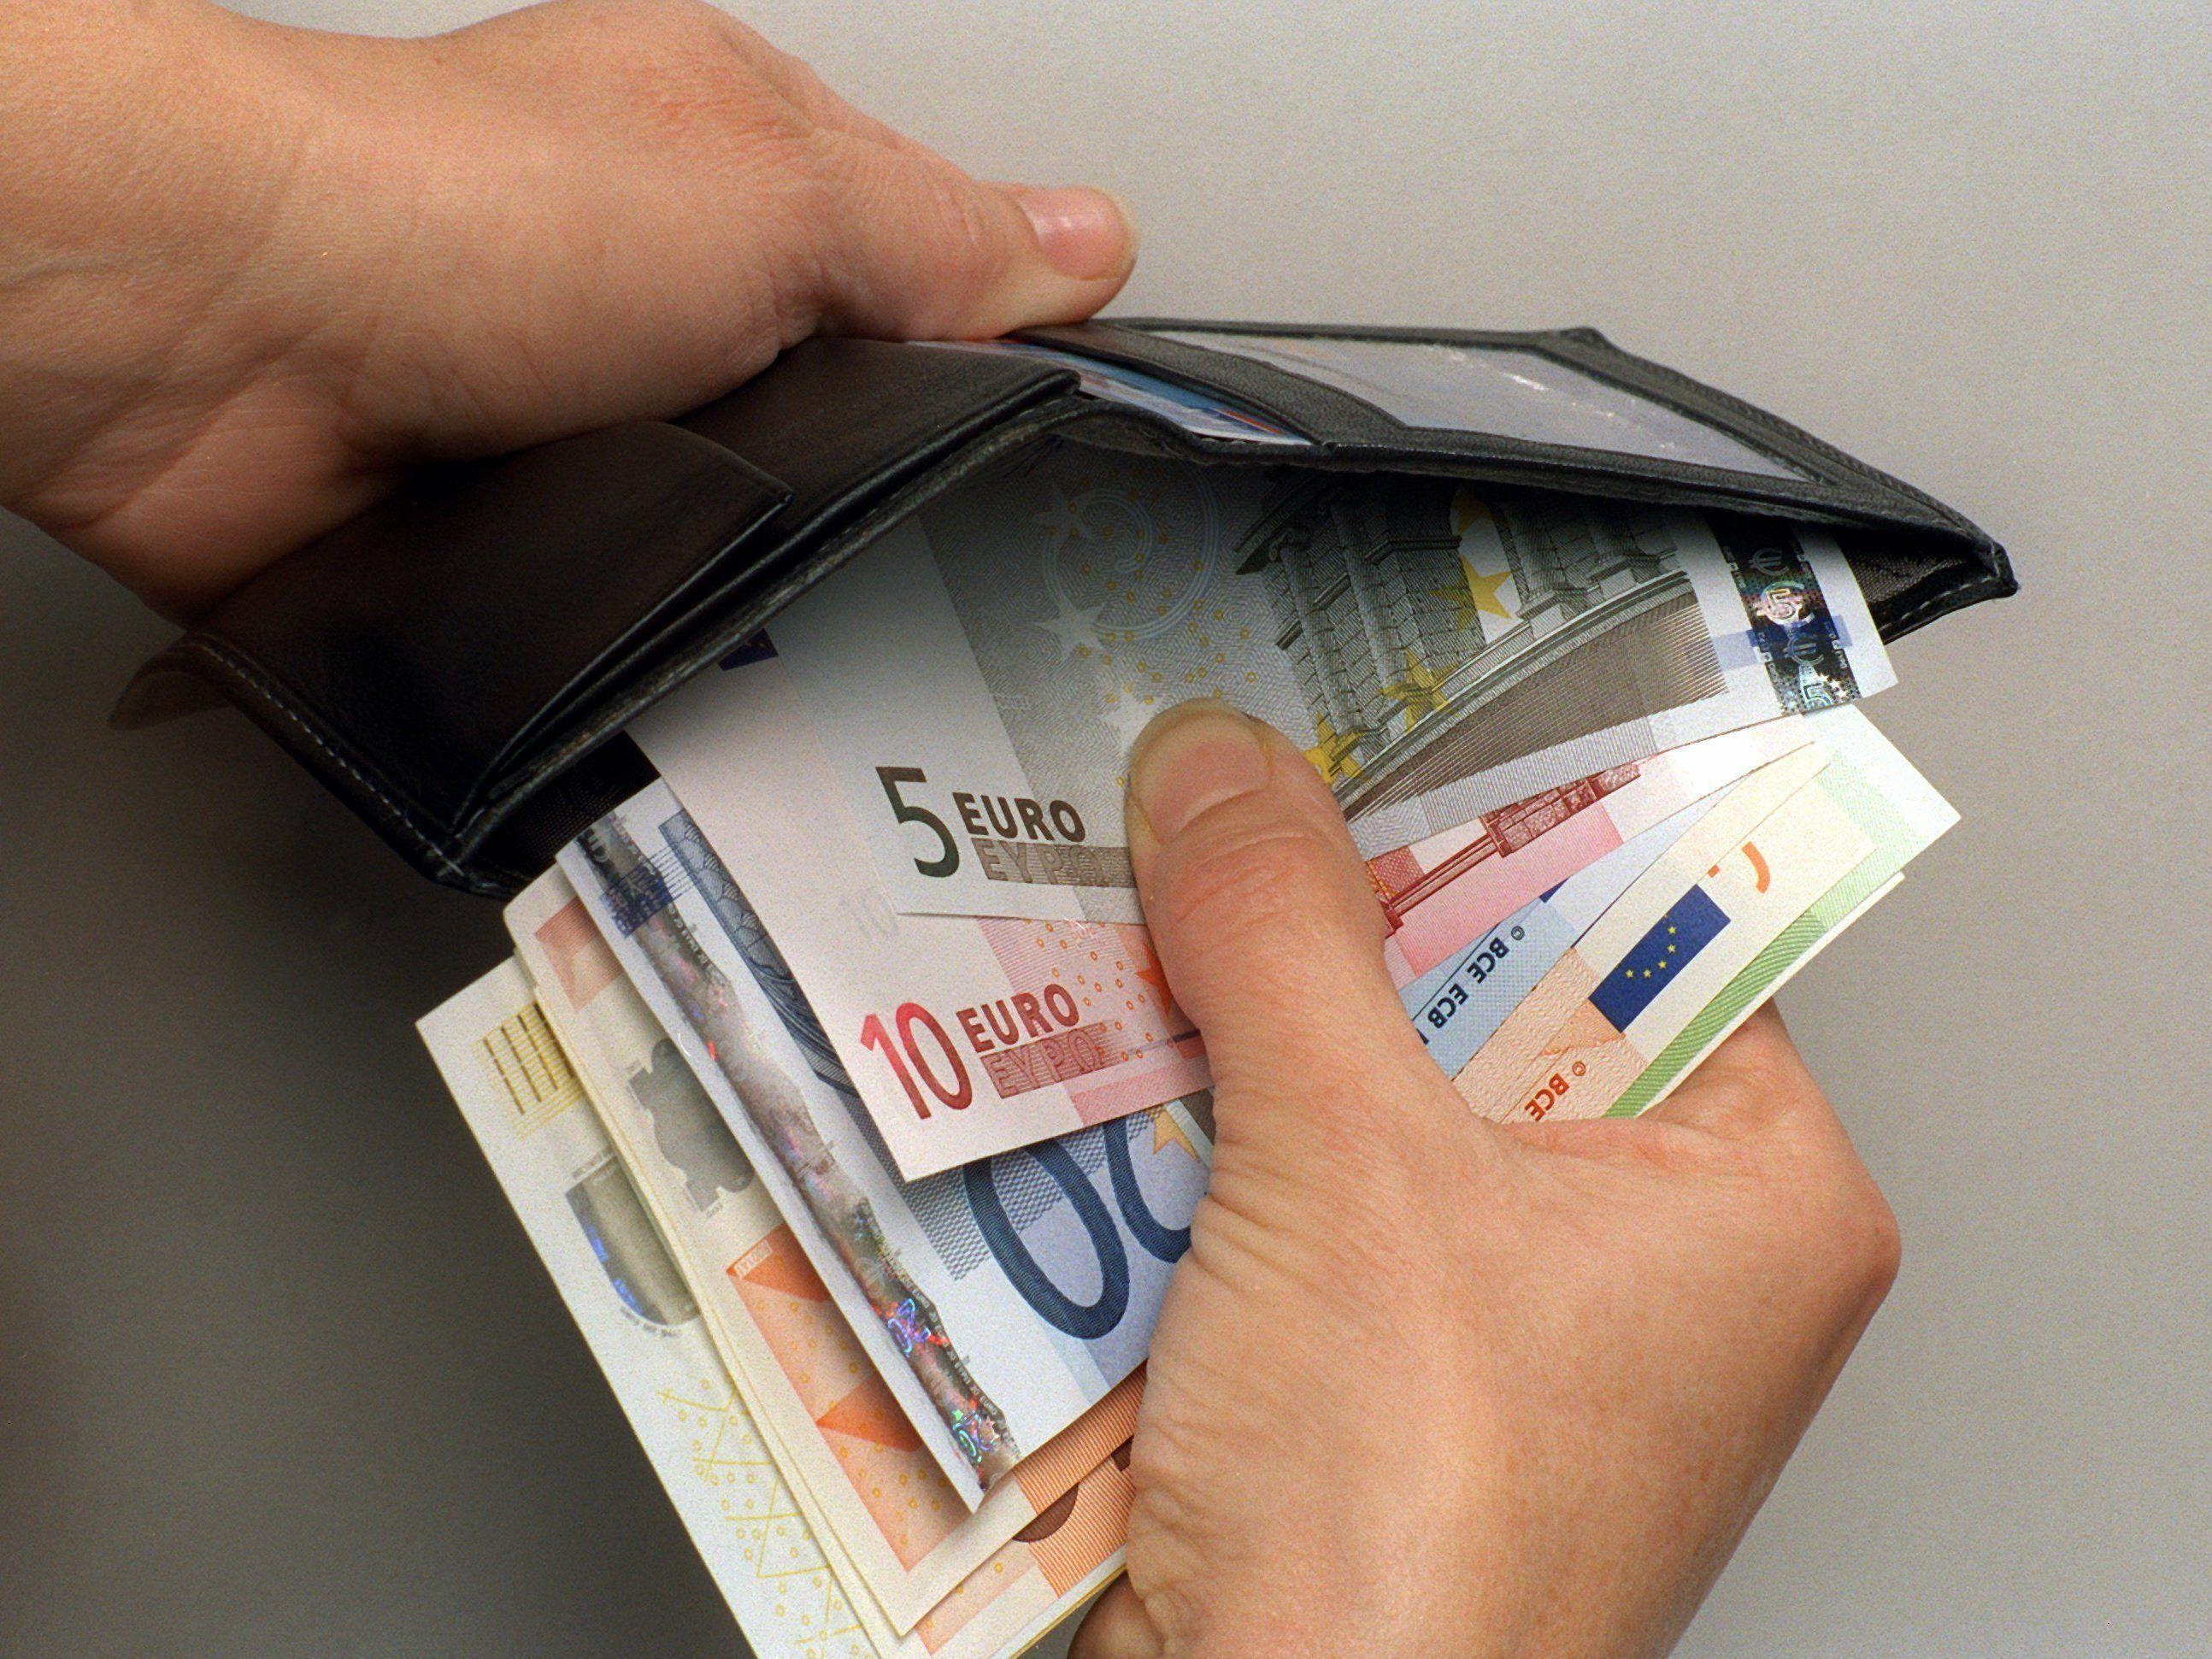 Einschleichdiebstahl: Bettler soll betagter Dame in Lustenau Geld gestohlen haben.